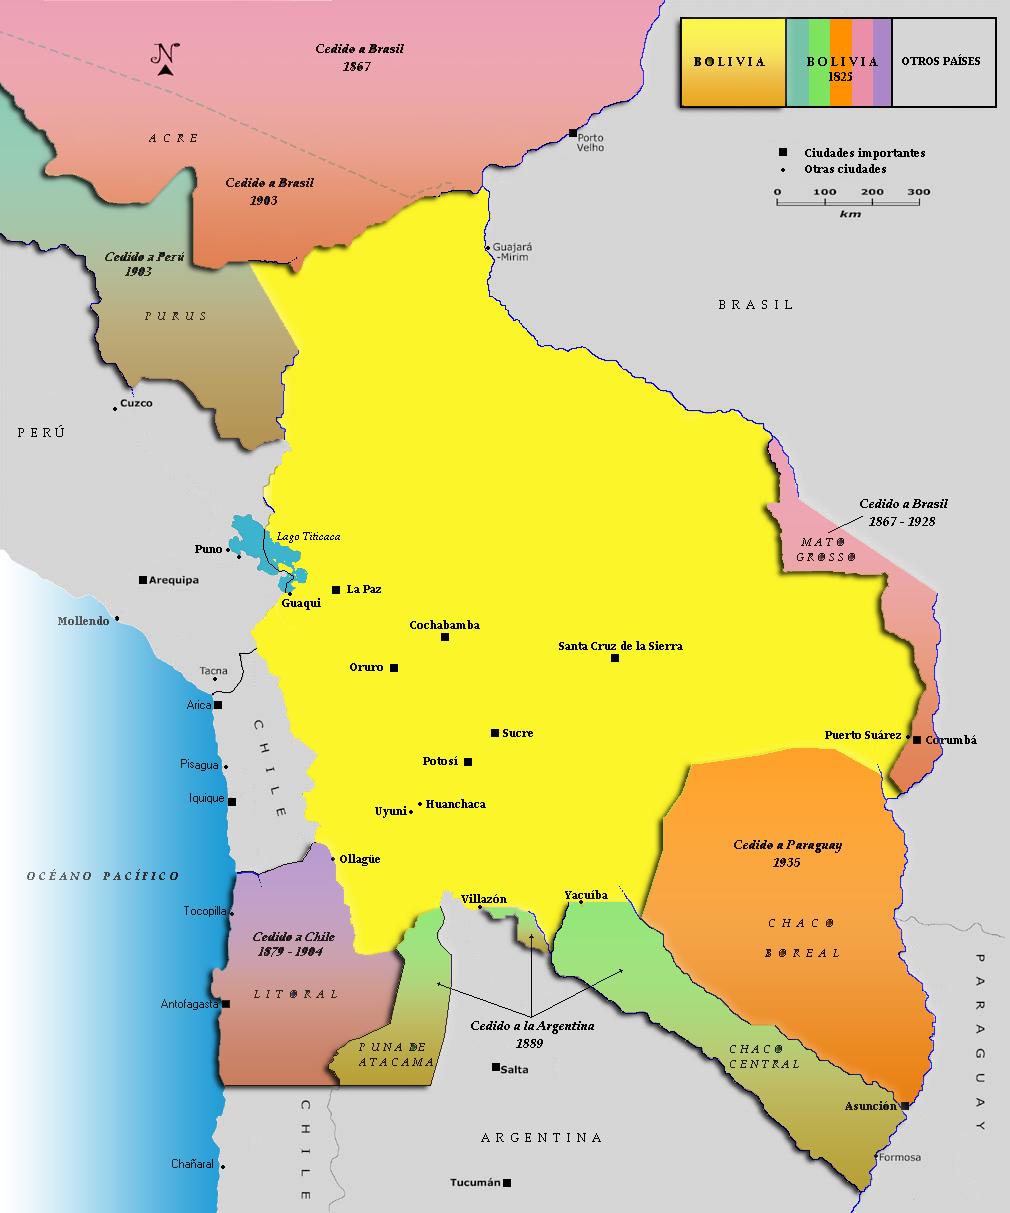 La guerra del Pacífico de 1879